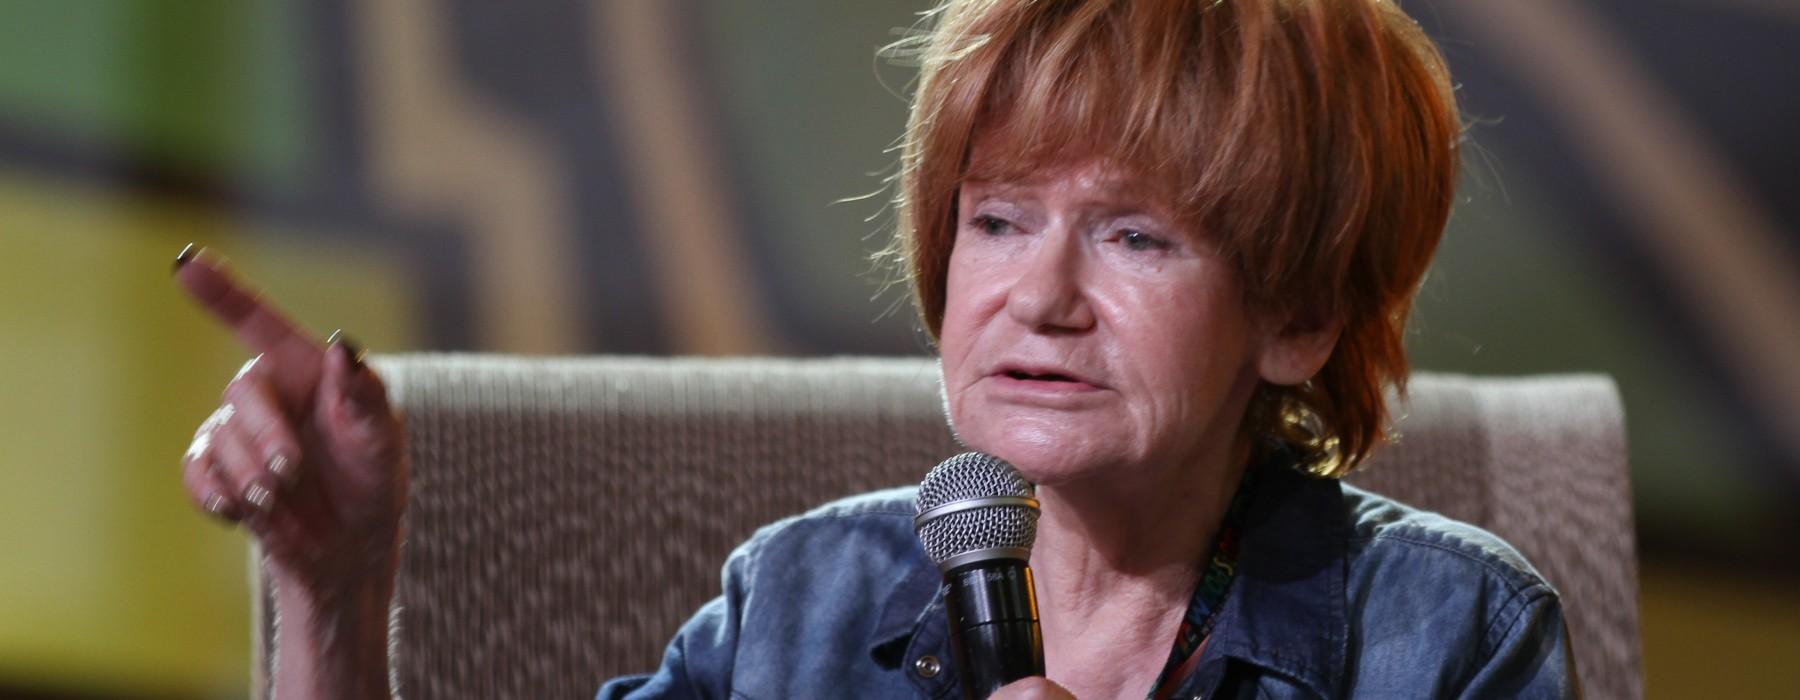 Maria Czubaszek. Najmocniejsze słowa kobiety wyklętej